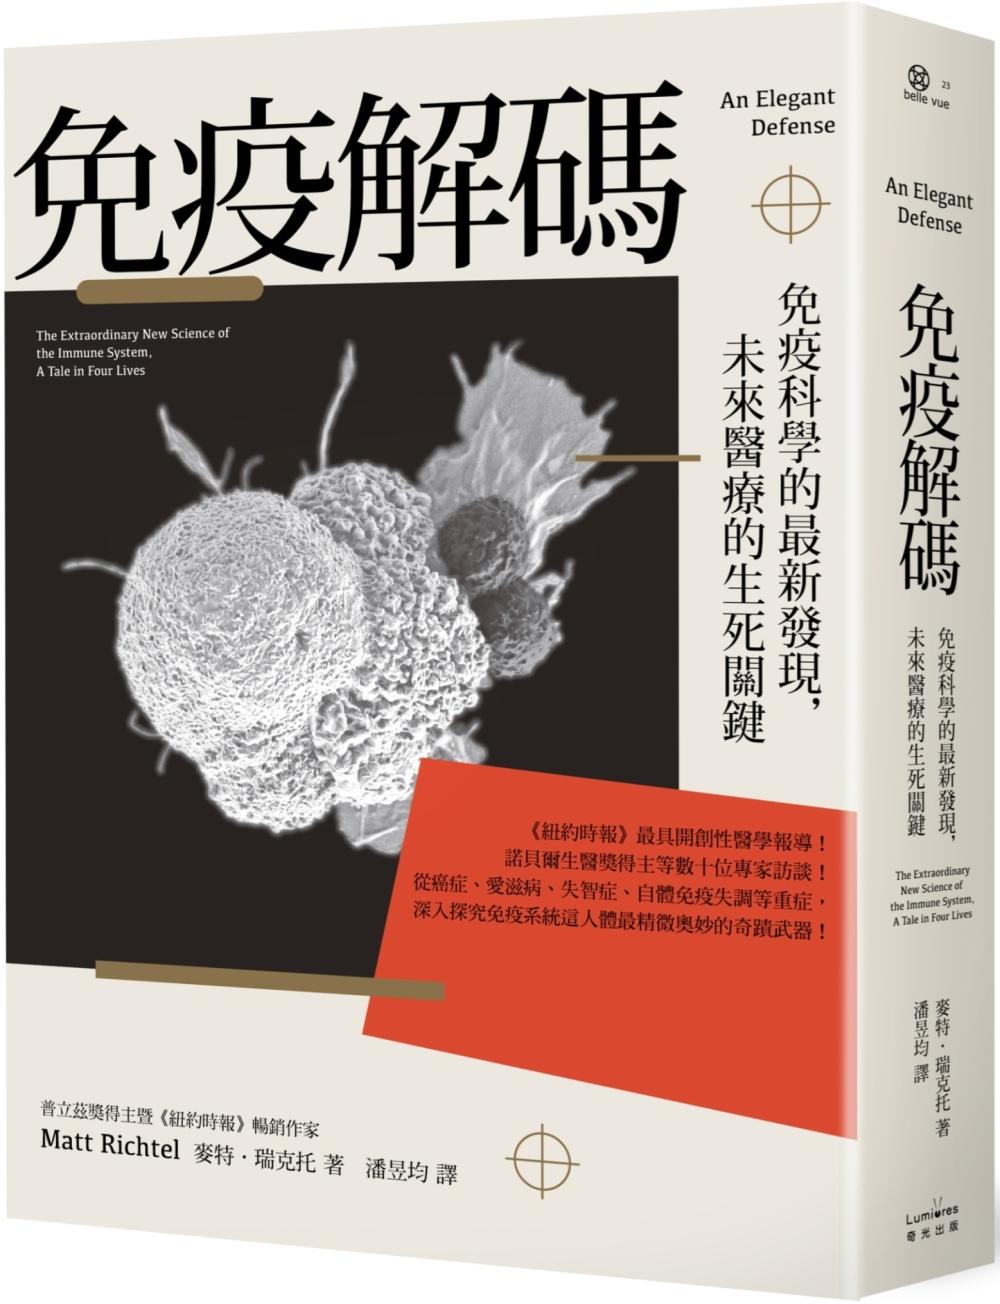 免疫解碼:免疫科學的最新發現,未來醫療的生死關鍵